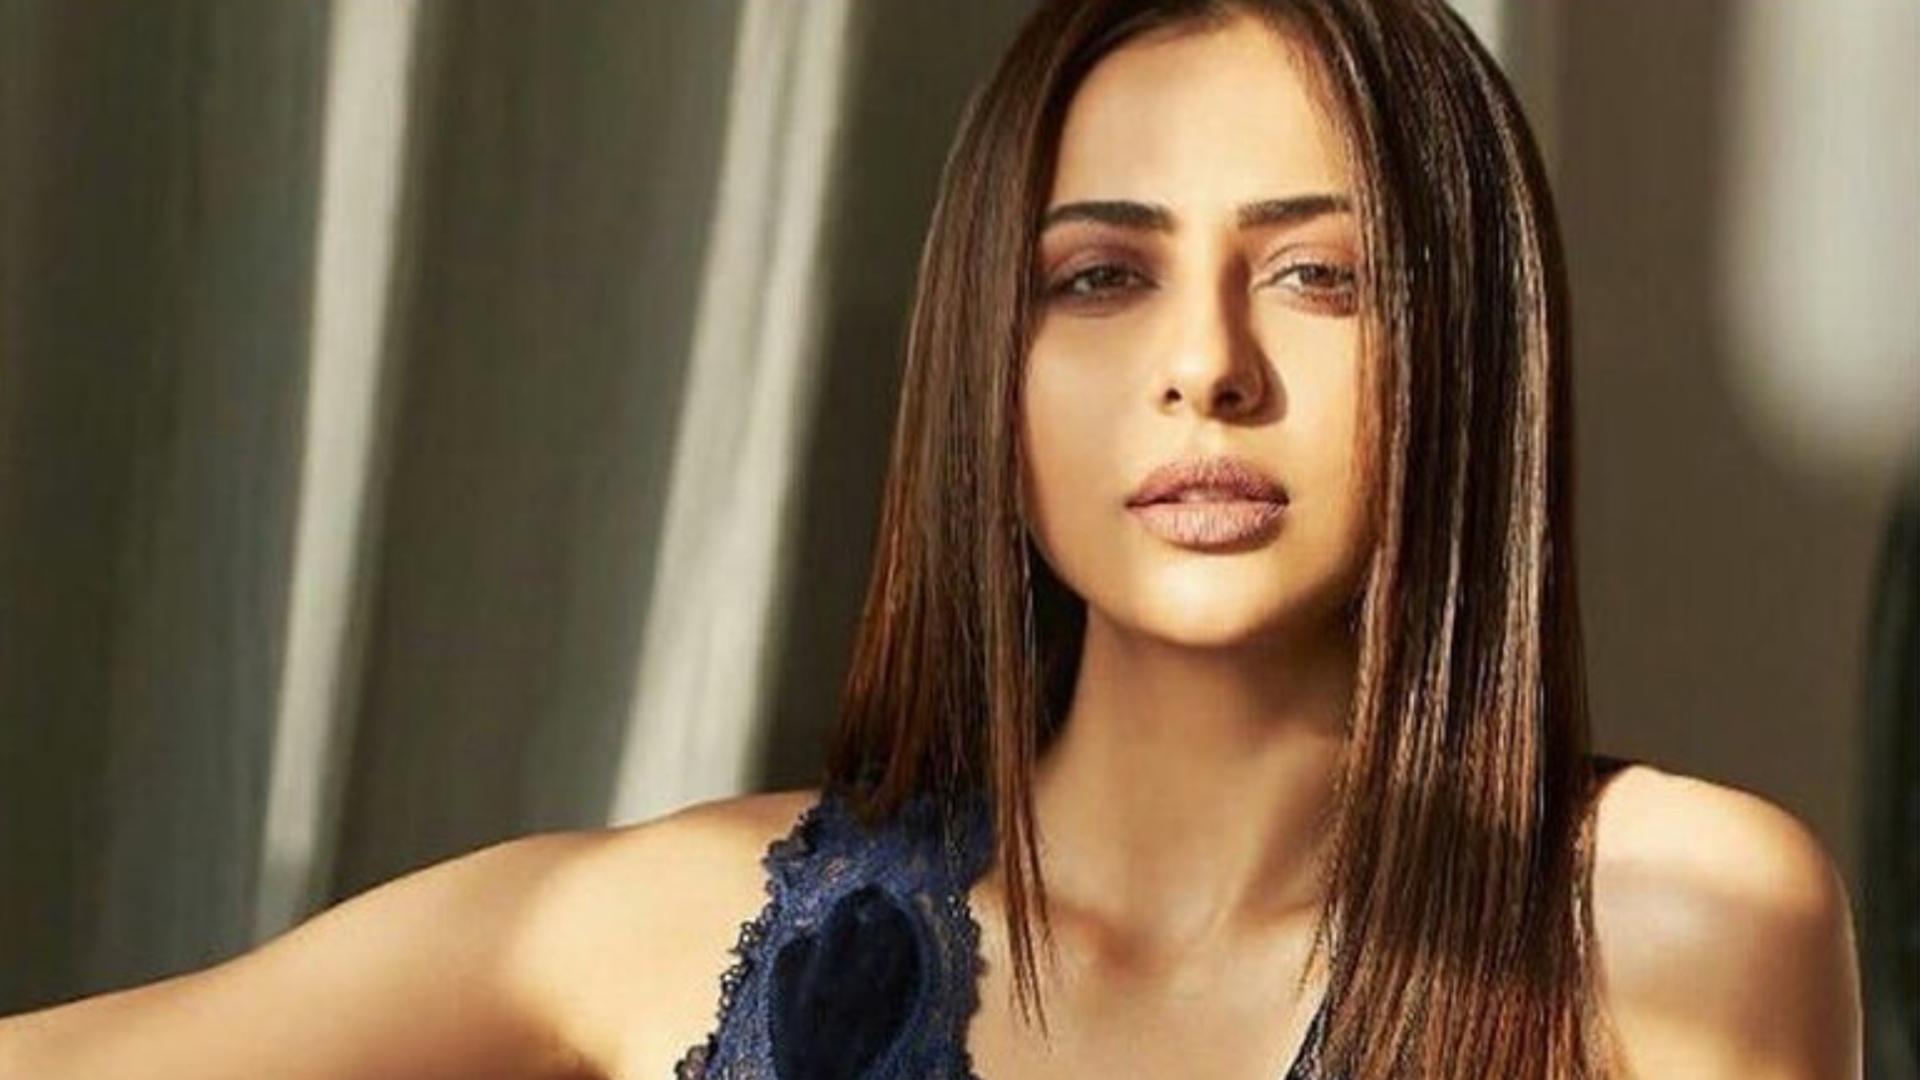 रकुल प्रीत सिंह का दिखा अब तक का सुपर हॉट लुक, एब्स फ्लॉन्ट करती इस अंदाज में नजर आई एक्ट्रेस